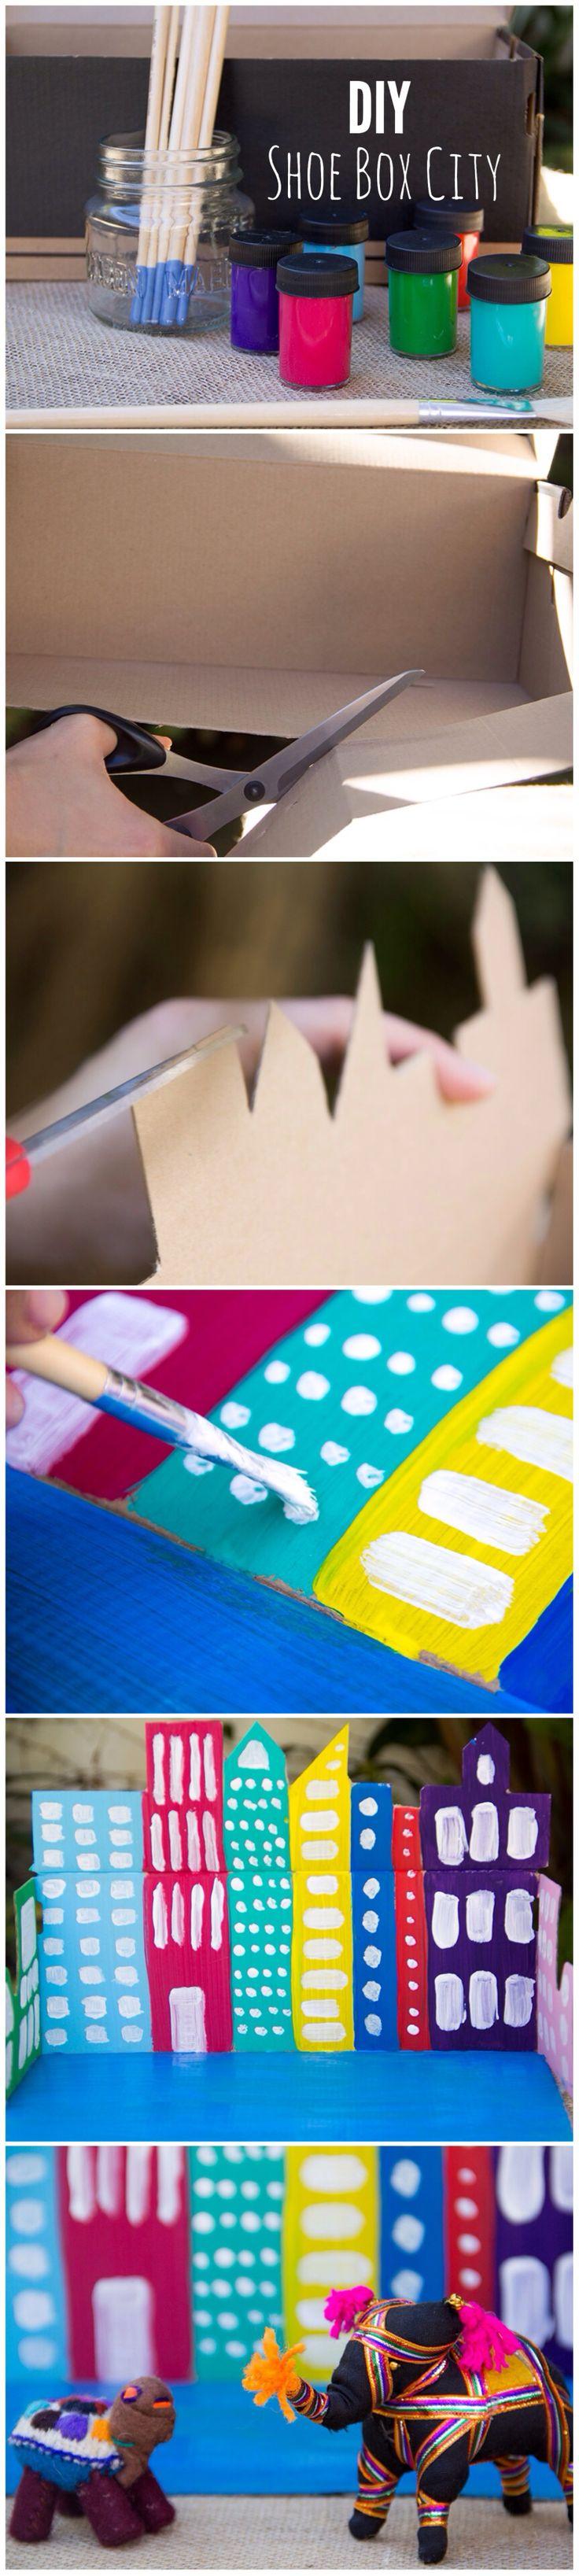 DIY Shoe Box City by Moonfrye.com Moonfrye DIY/ Kids Art Projects/ Kids Crafts/ DIY City #Moonfrye